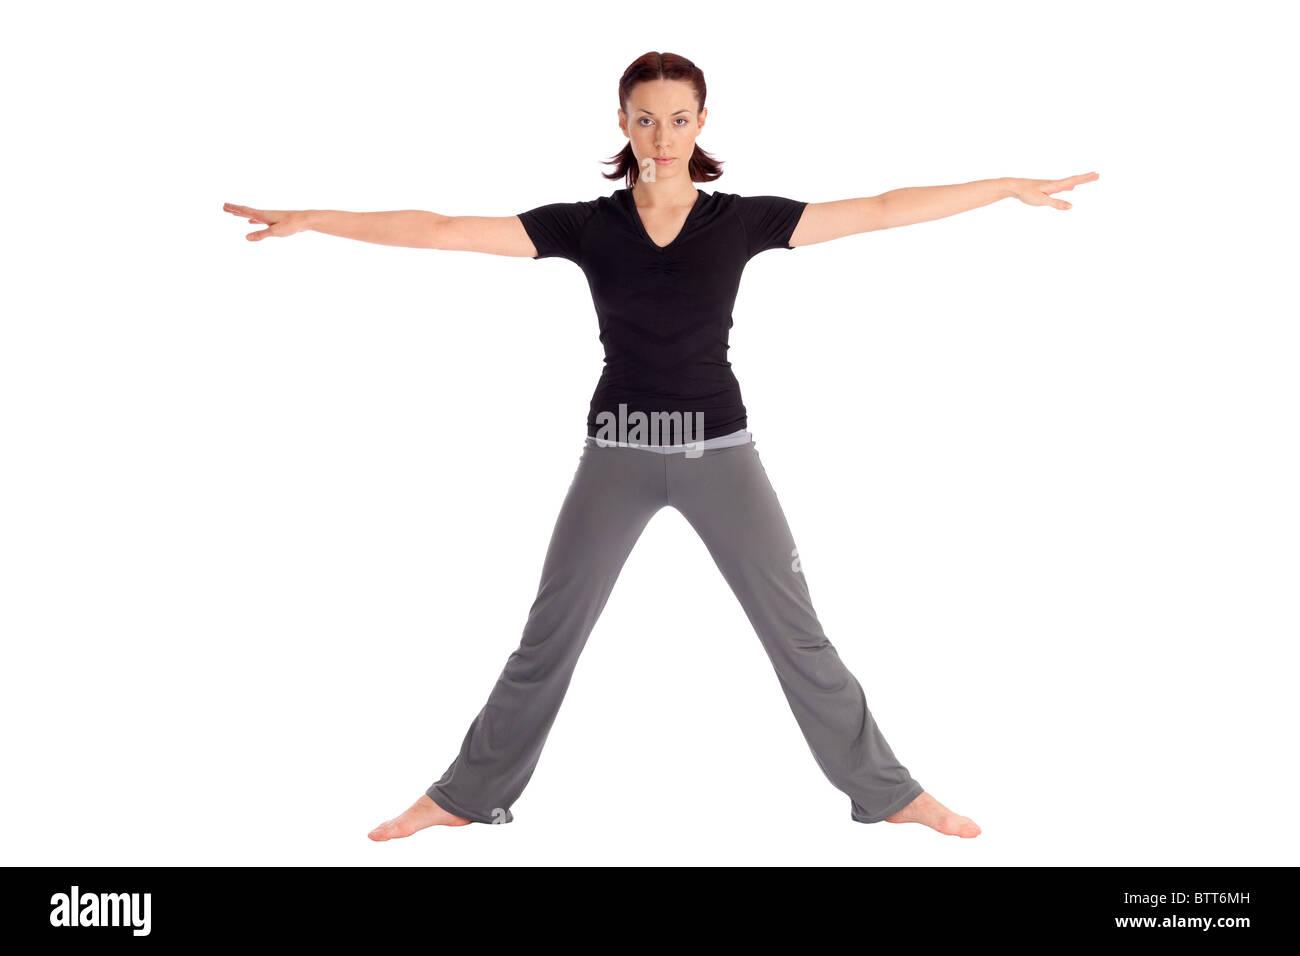 Montare la giovane donna facendo esercizi yoga guerriero chiamato (nome sanscrito: Virabhadrasana), isolati su sfondo Immagini Stock